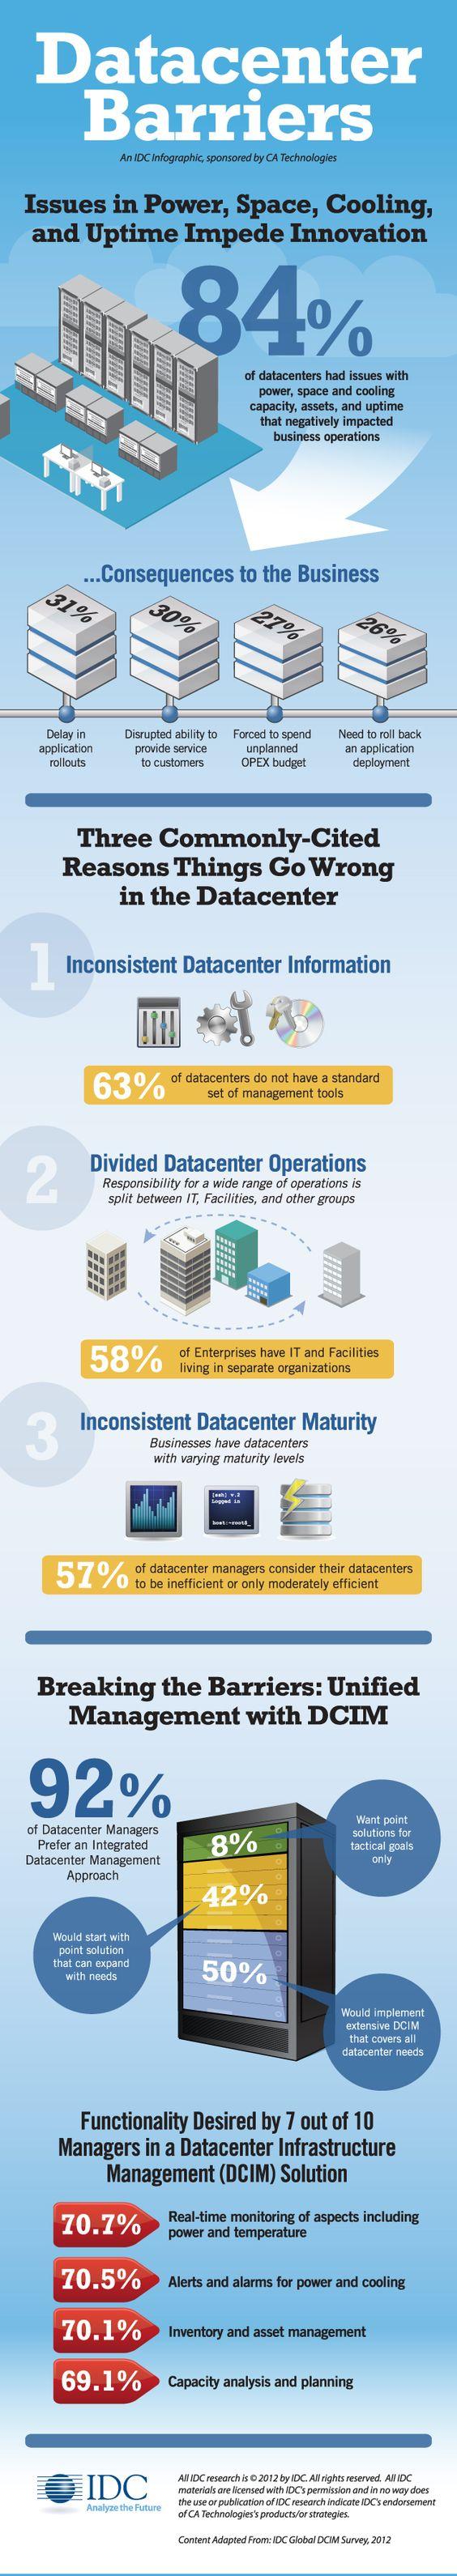 Datacenter Barriers